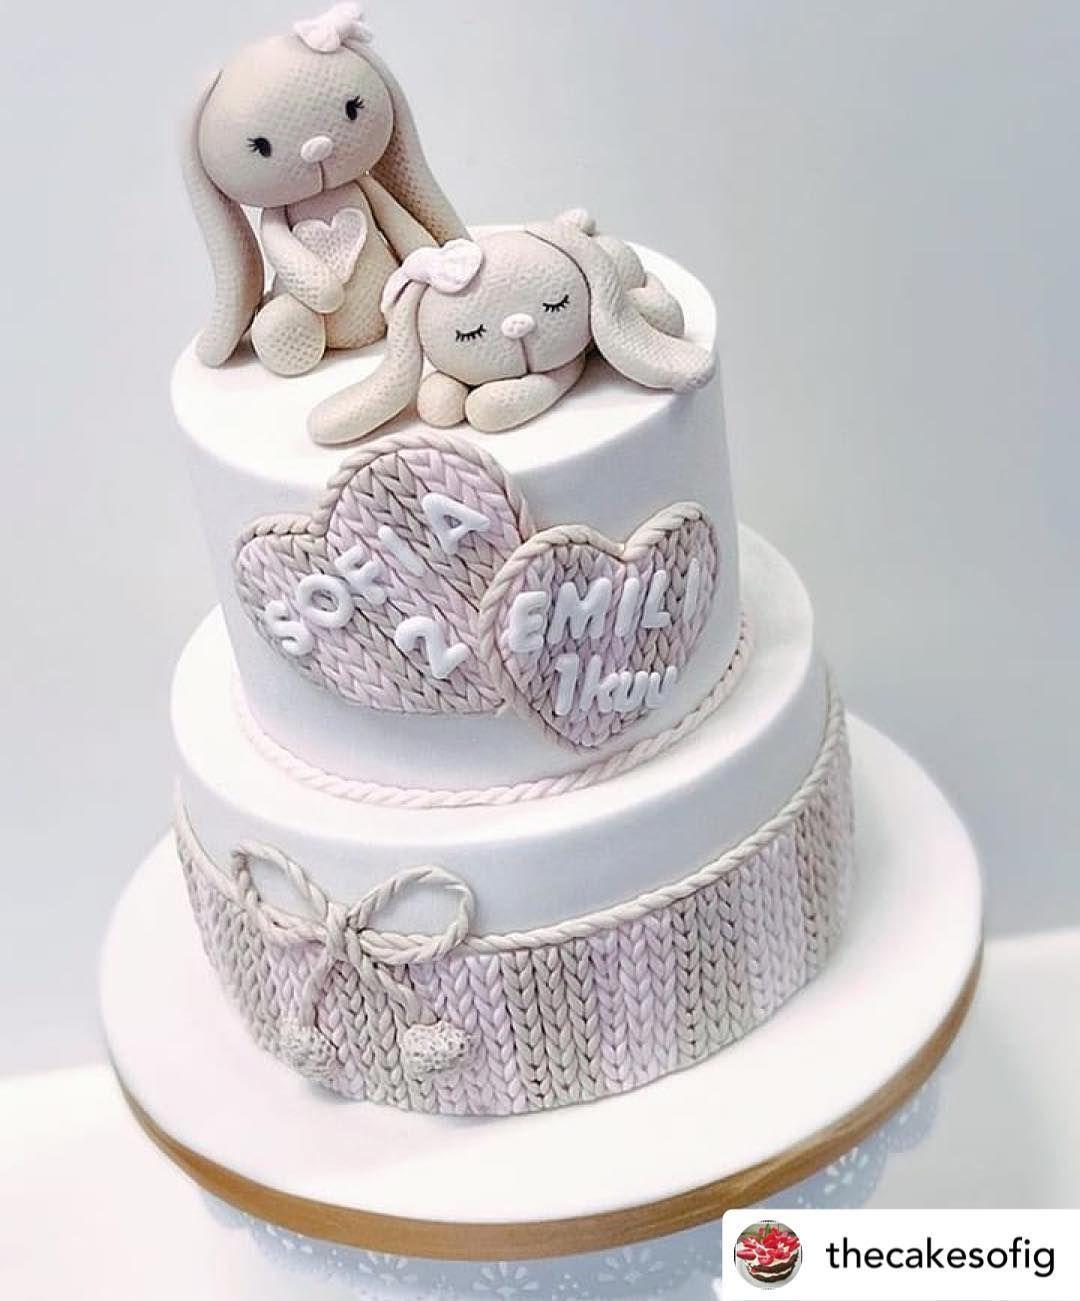 Caketutorial كيك كاب كيك كوكي كوكيز عيدميلاد عيدزواج عيد الأم تزیین کیک تزيين كوكيز مولود مولود جديد عرس اعراس عقد عر Girl Cakes Cake Baby Cake